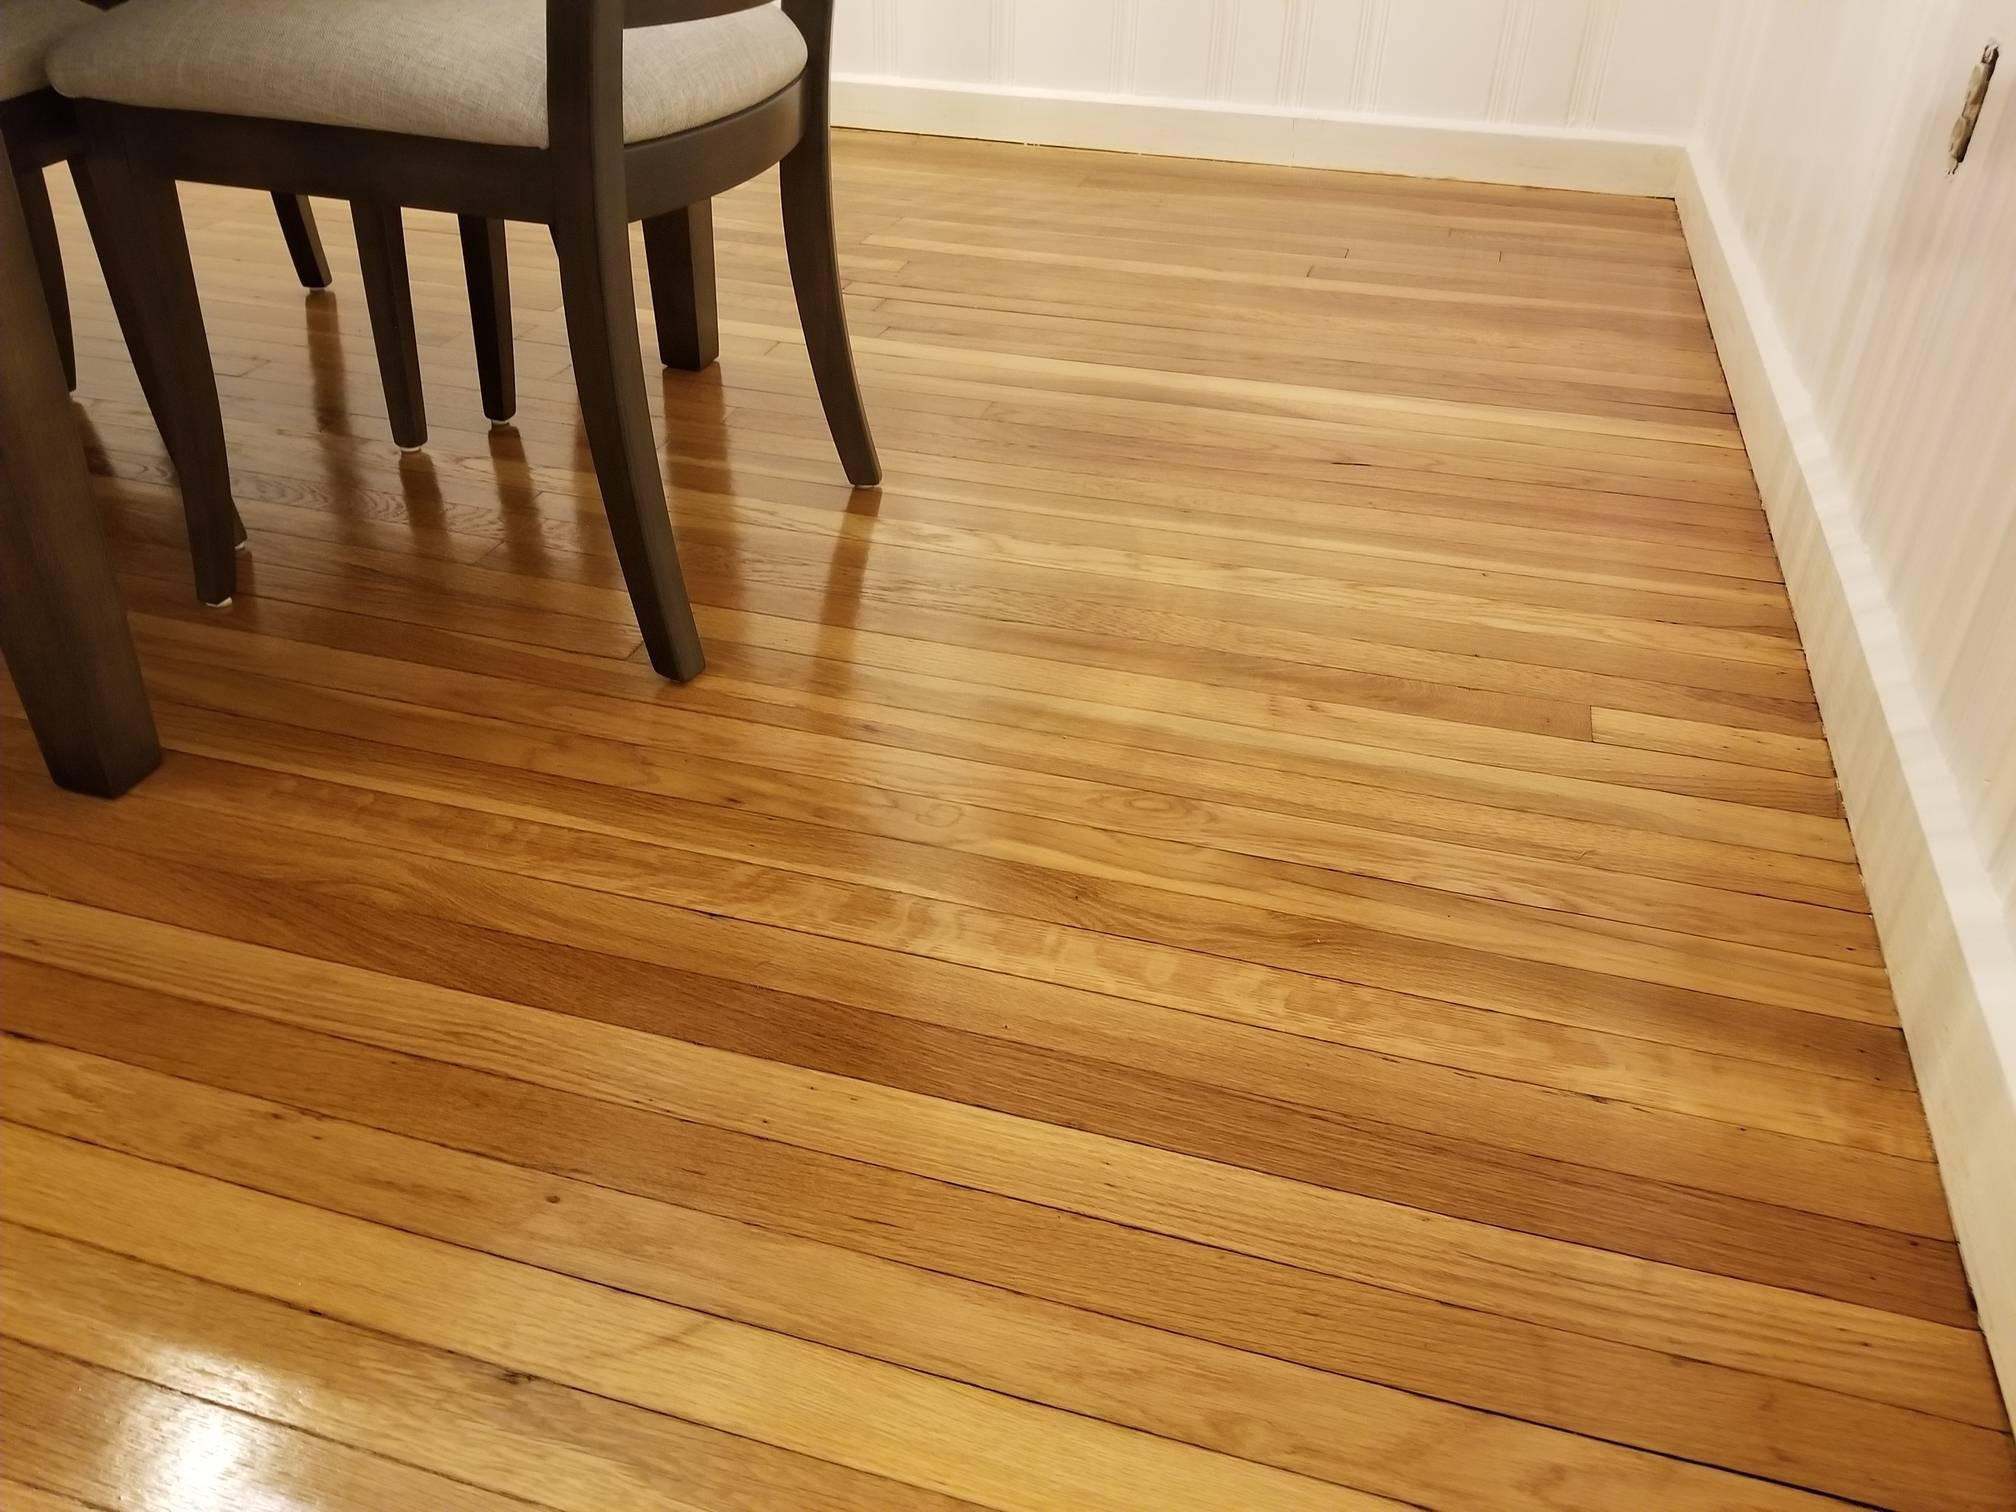 refinishing old hardwood floors cost of cost to refinish hardwood floors floor plan ideas pertaining to cost to refinish hardwood floors hardwood floor cleaning stain hardwood floors engineered hardwood